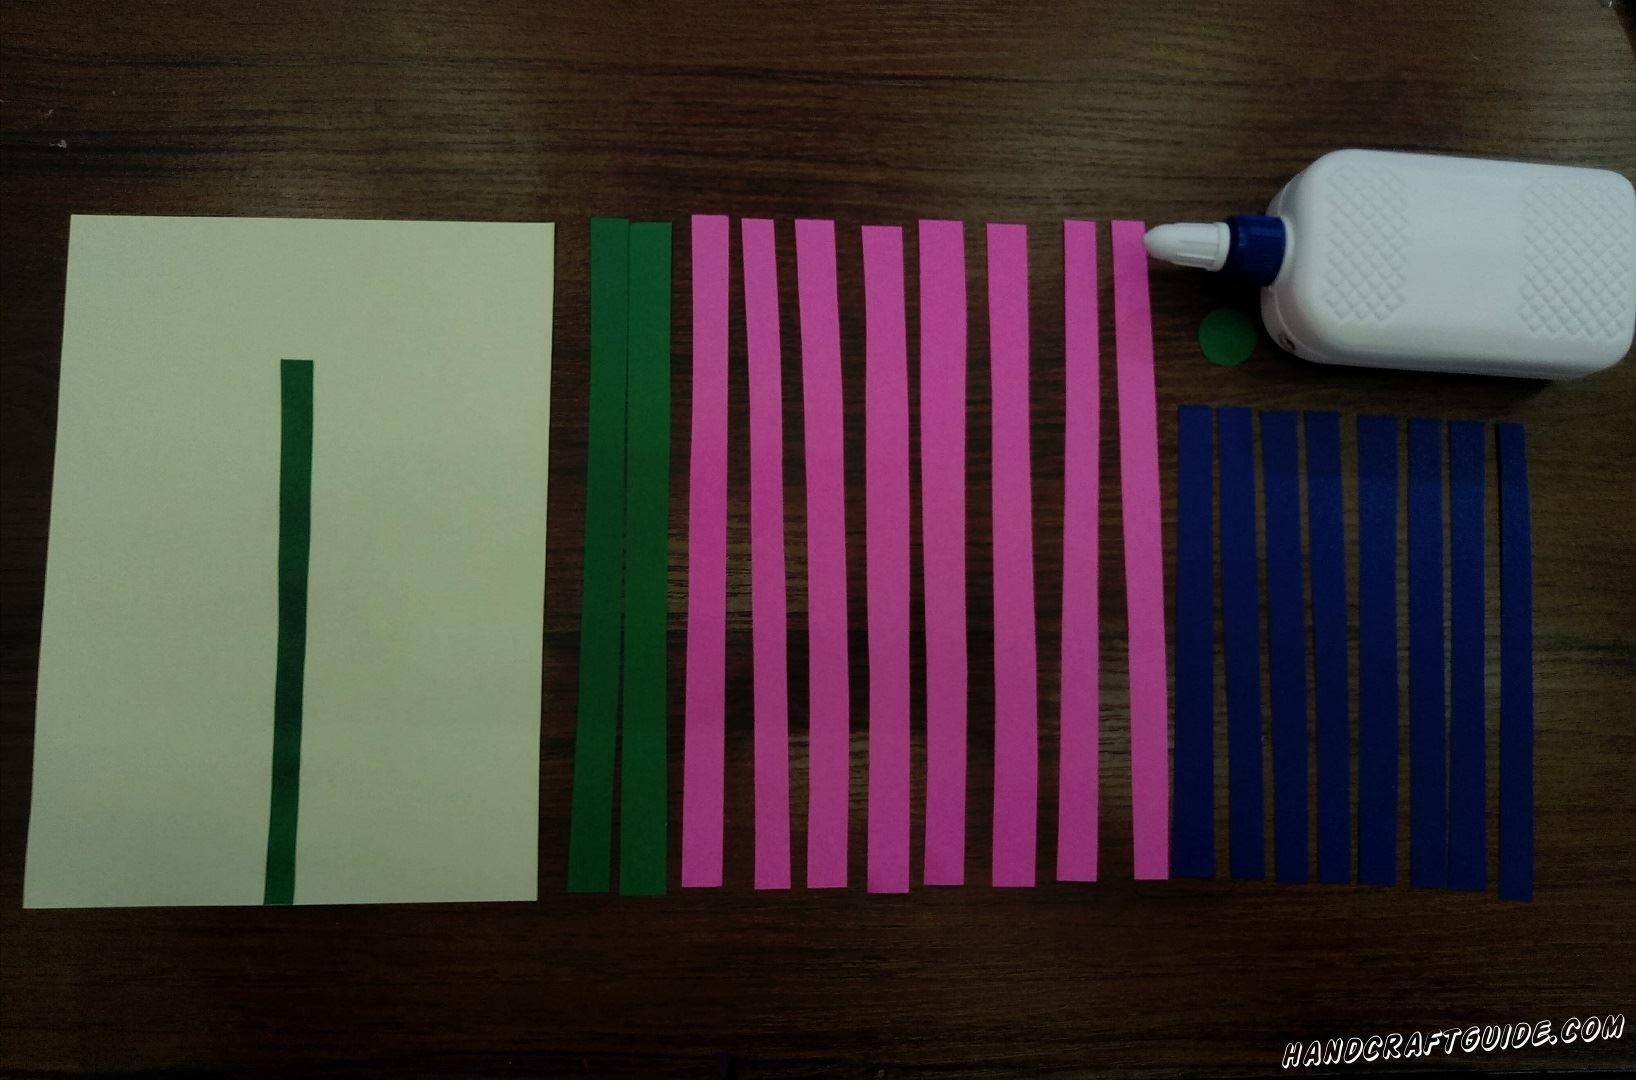 Берём бирюзовый , не порезанный, лист бумаги и приклеиваем на него короткую зелёную полоску, прямо по серединке. Молодцы